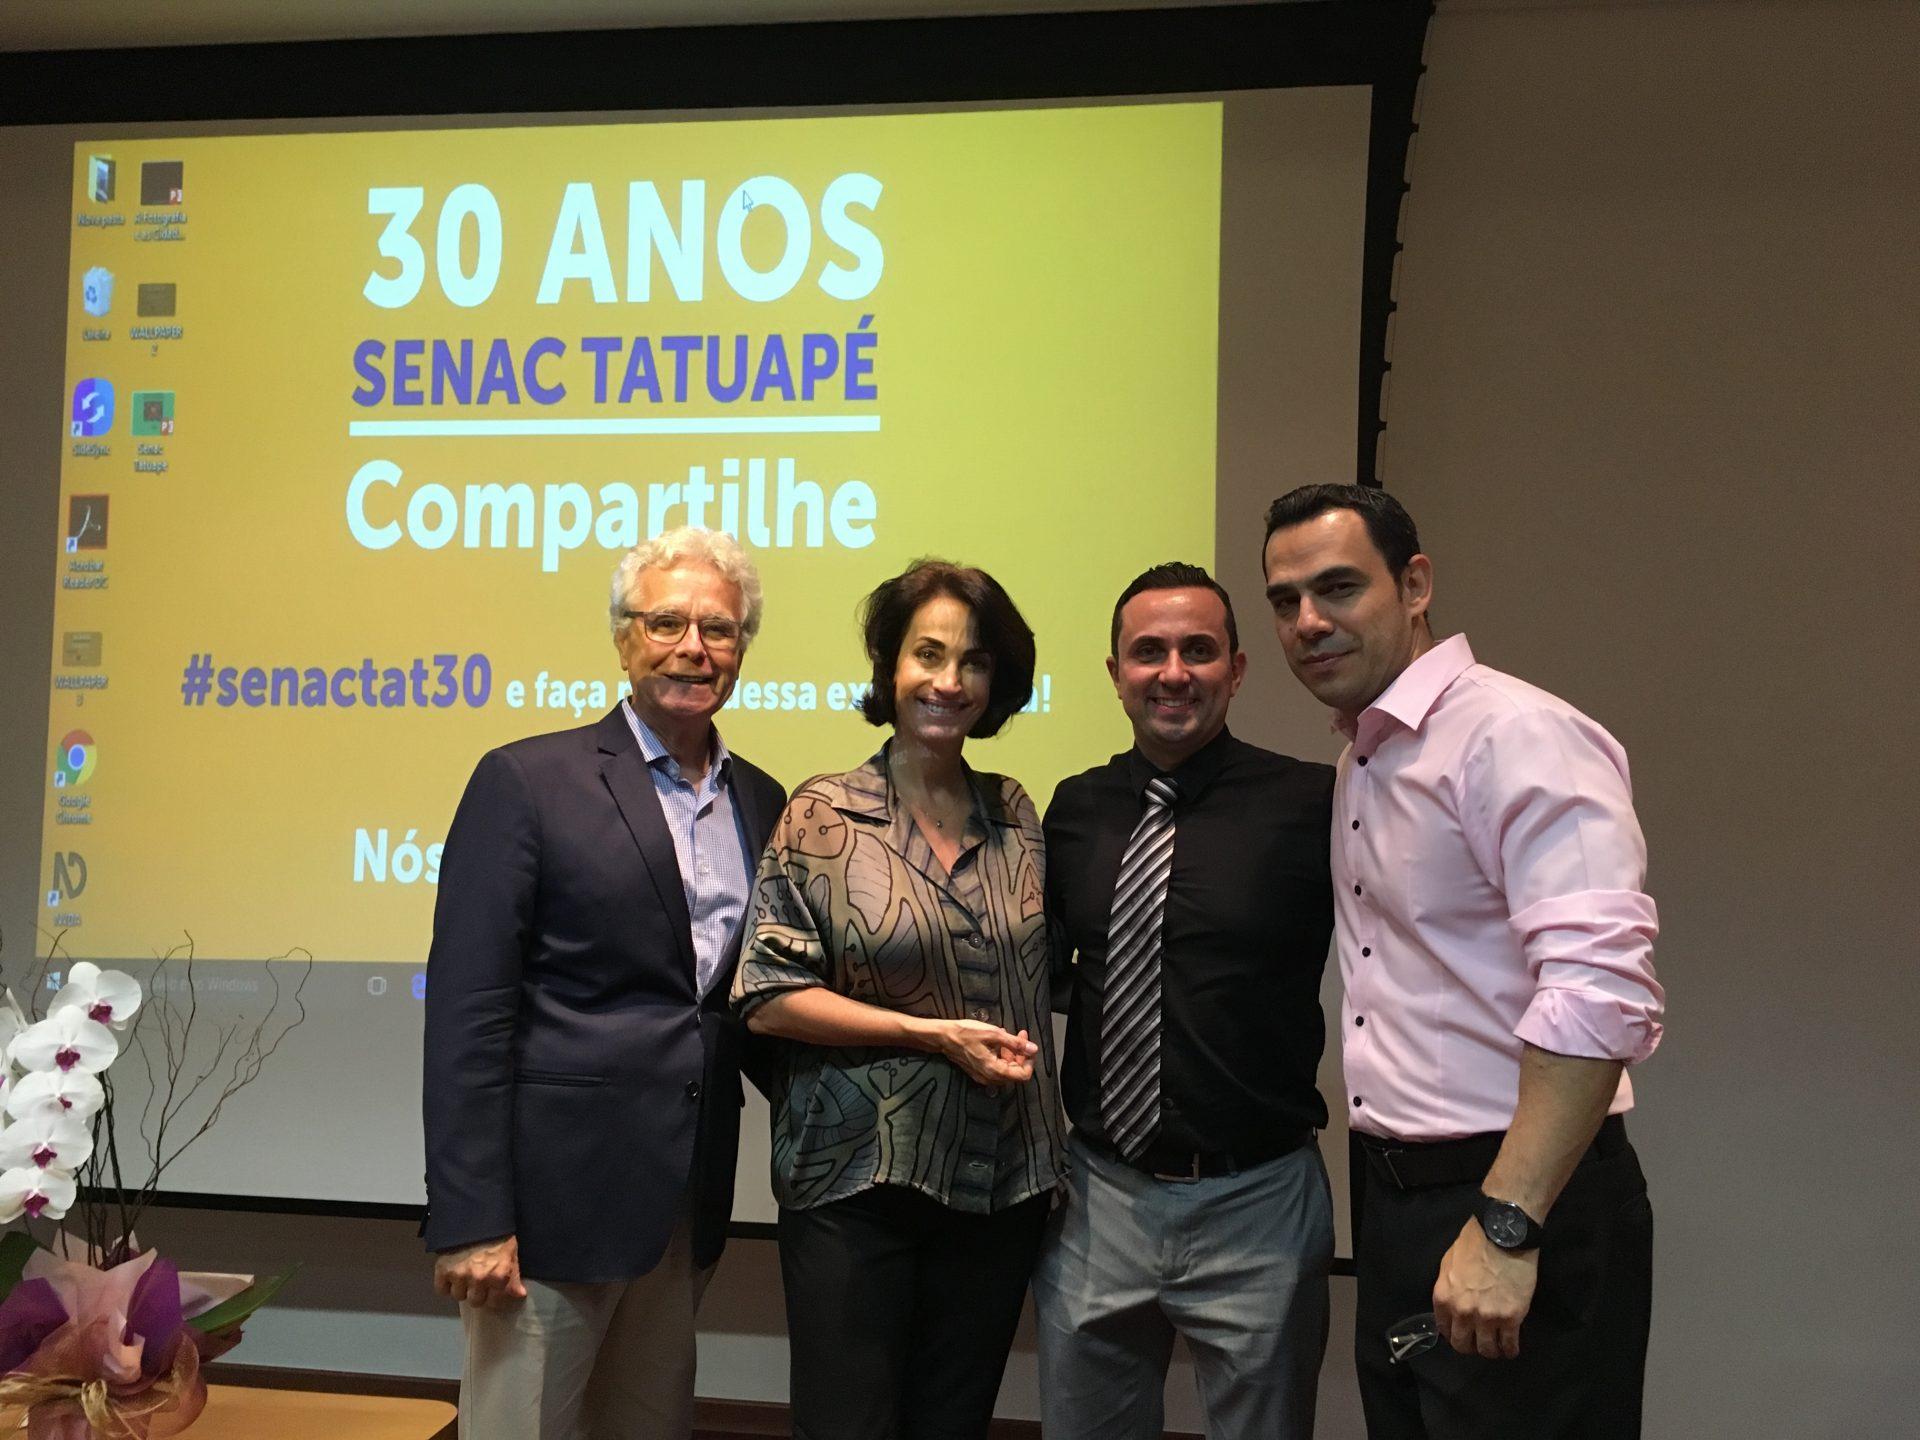 CM 2017 P Senac-Tatauapé-30anos_amenimario (13)